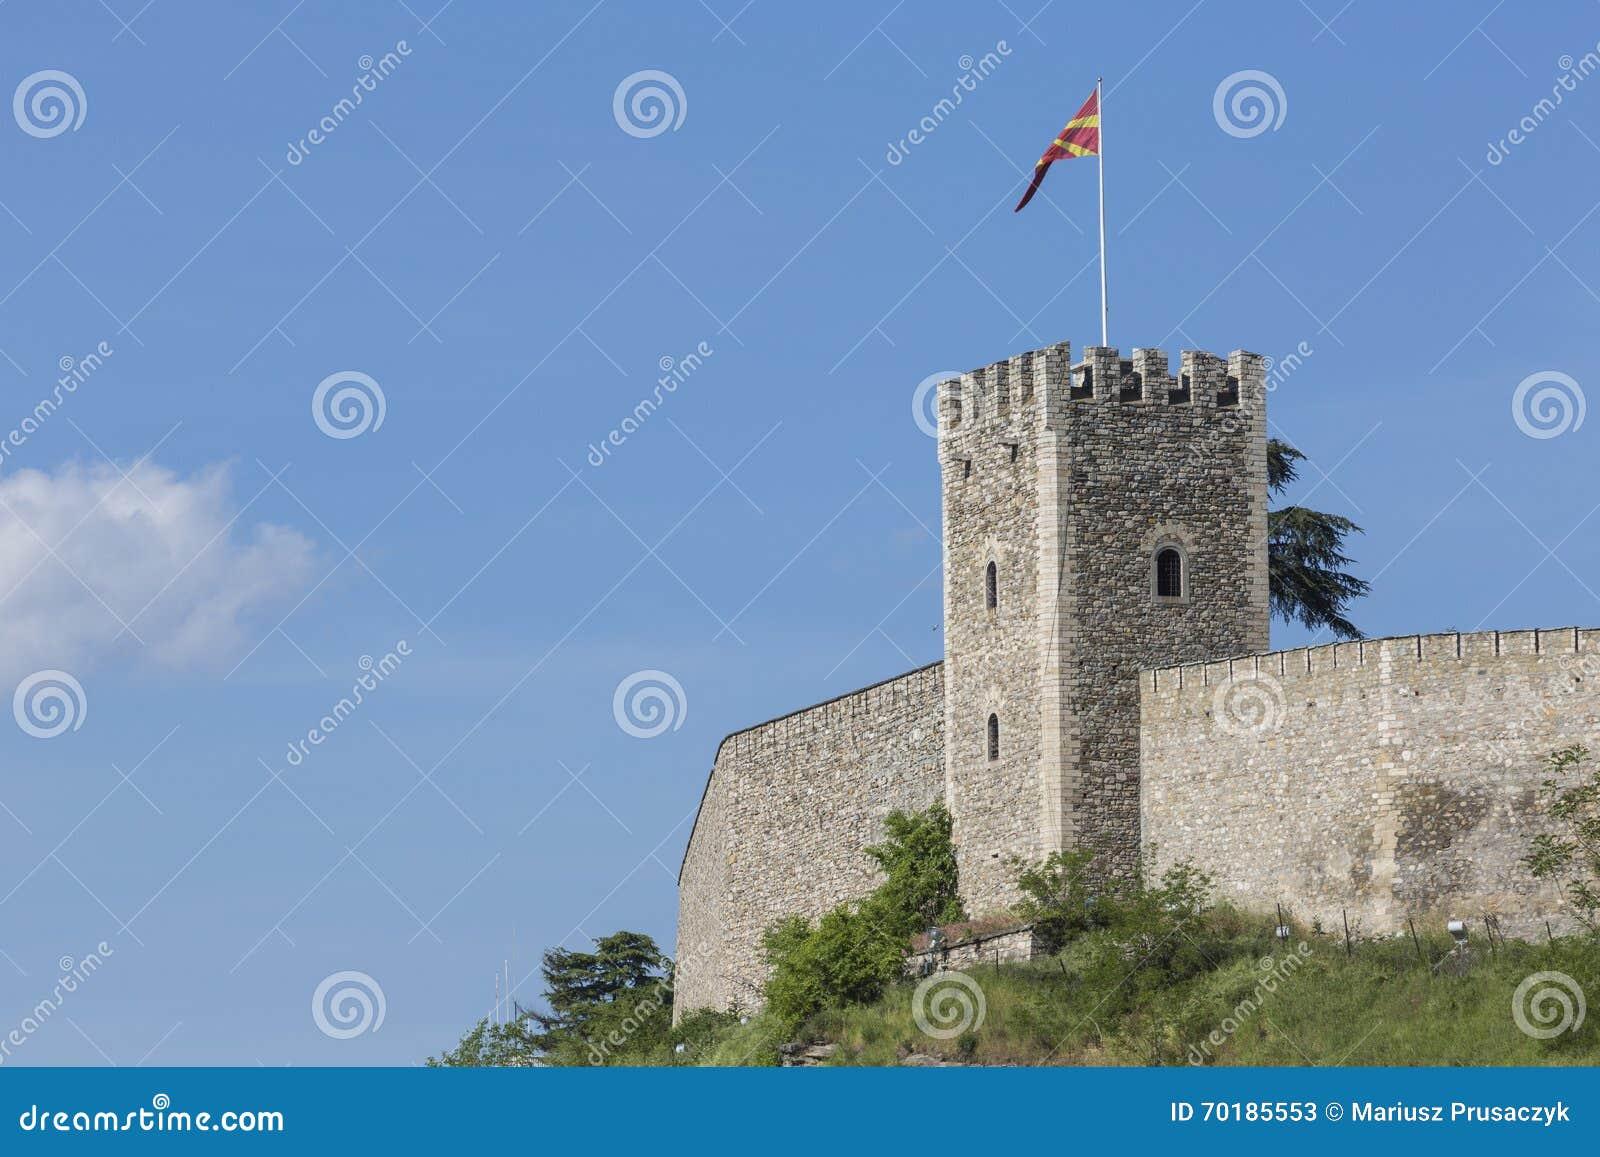 SKOPJE MAKEDONIEN - APRIL 15: Grönkålfästningen är en historisk fortre